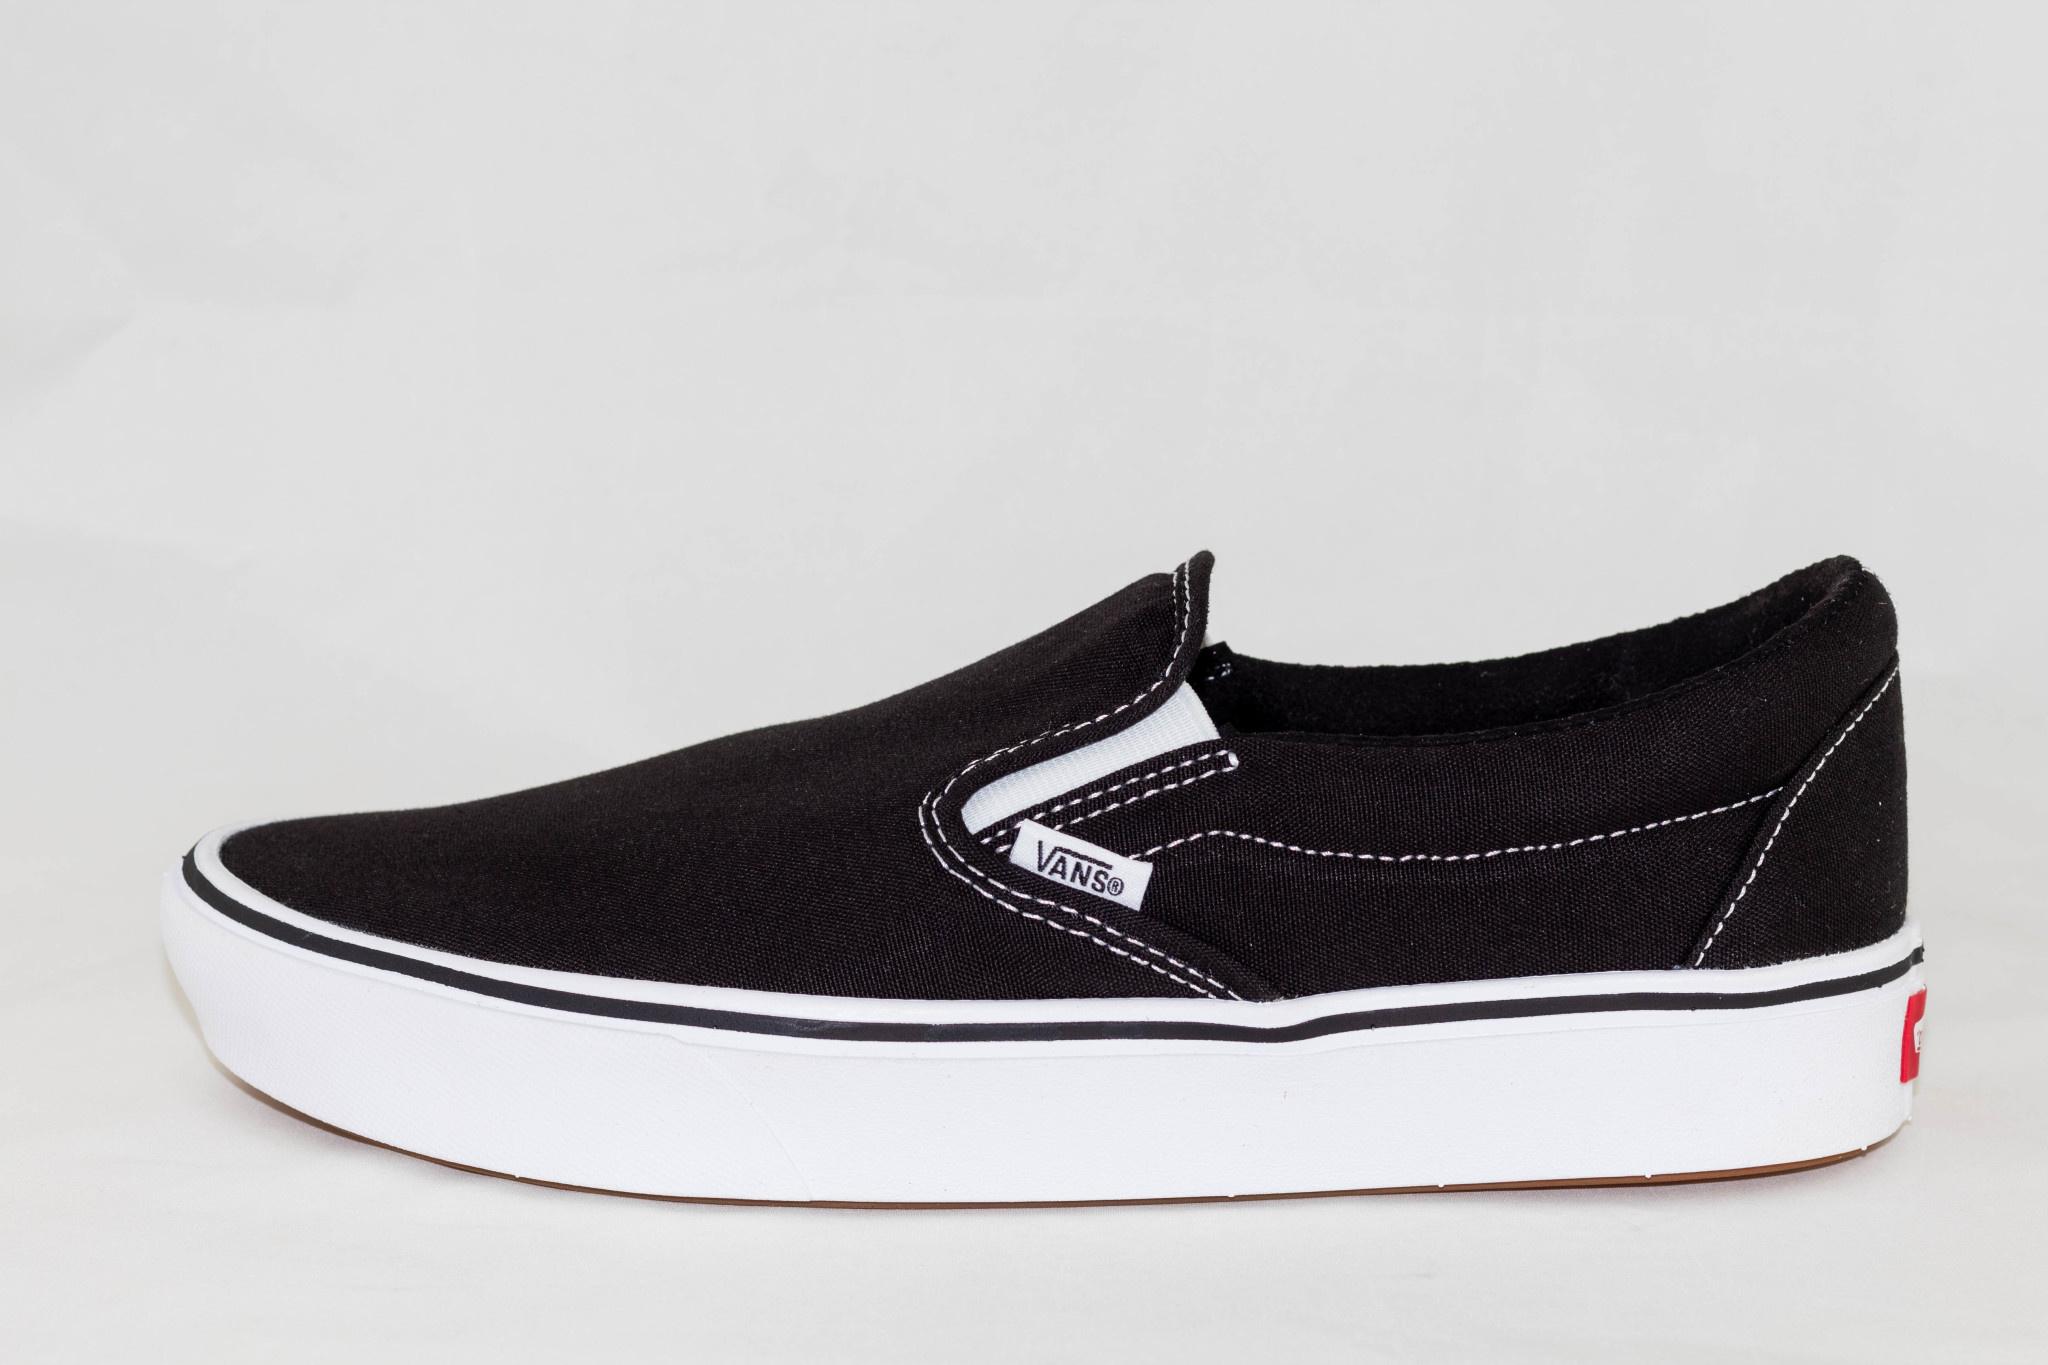 VANS  SLIP-ON COMFYCUSH Black/White